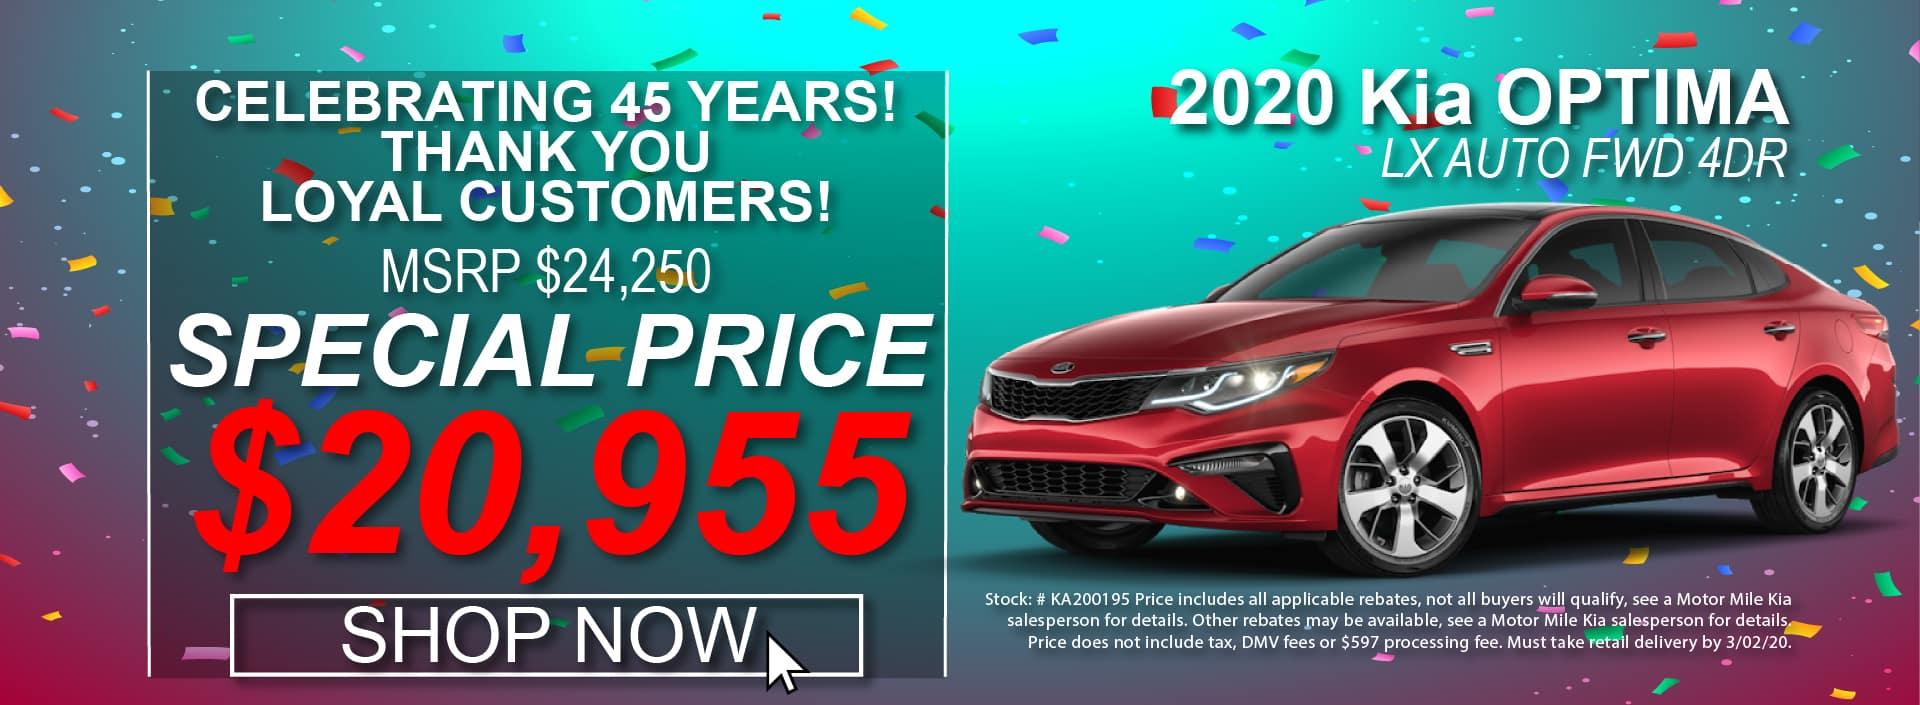 2020 Kia Optima Special Prices at Motor Mile Kia